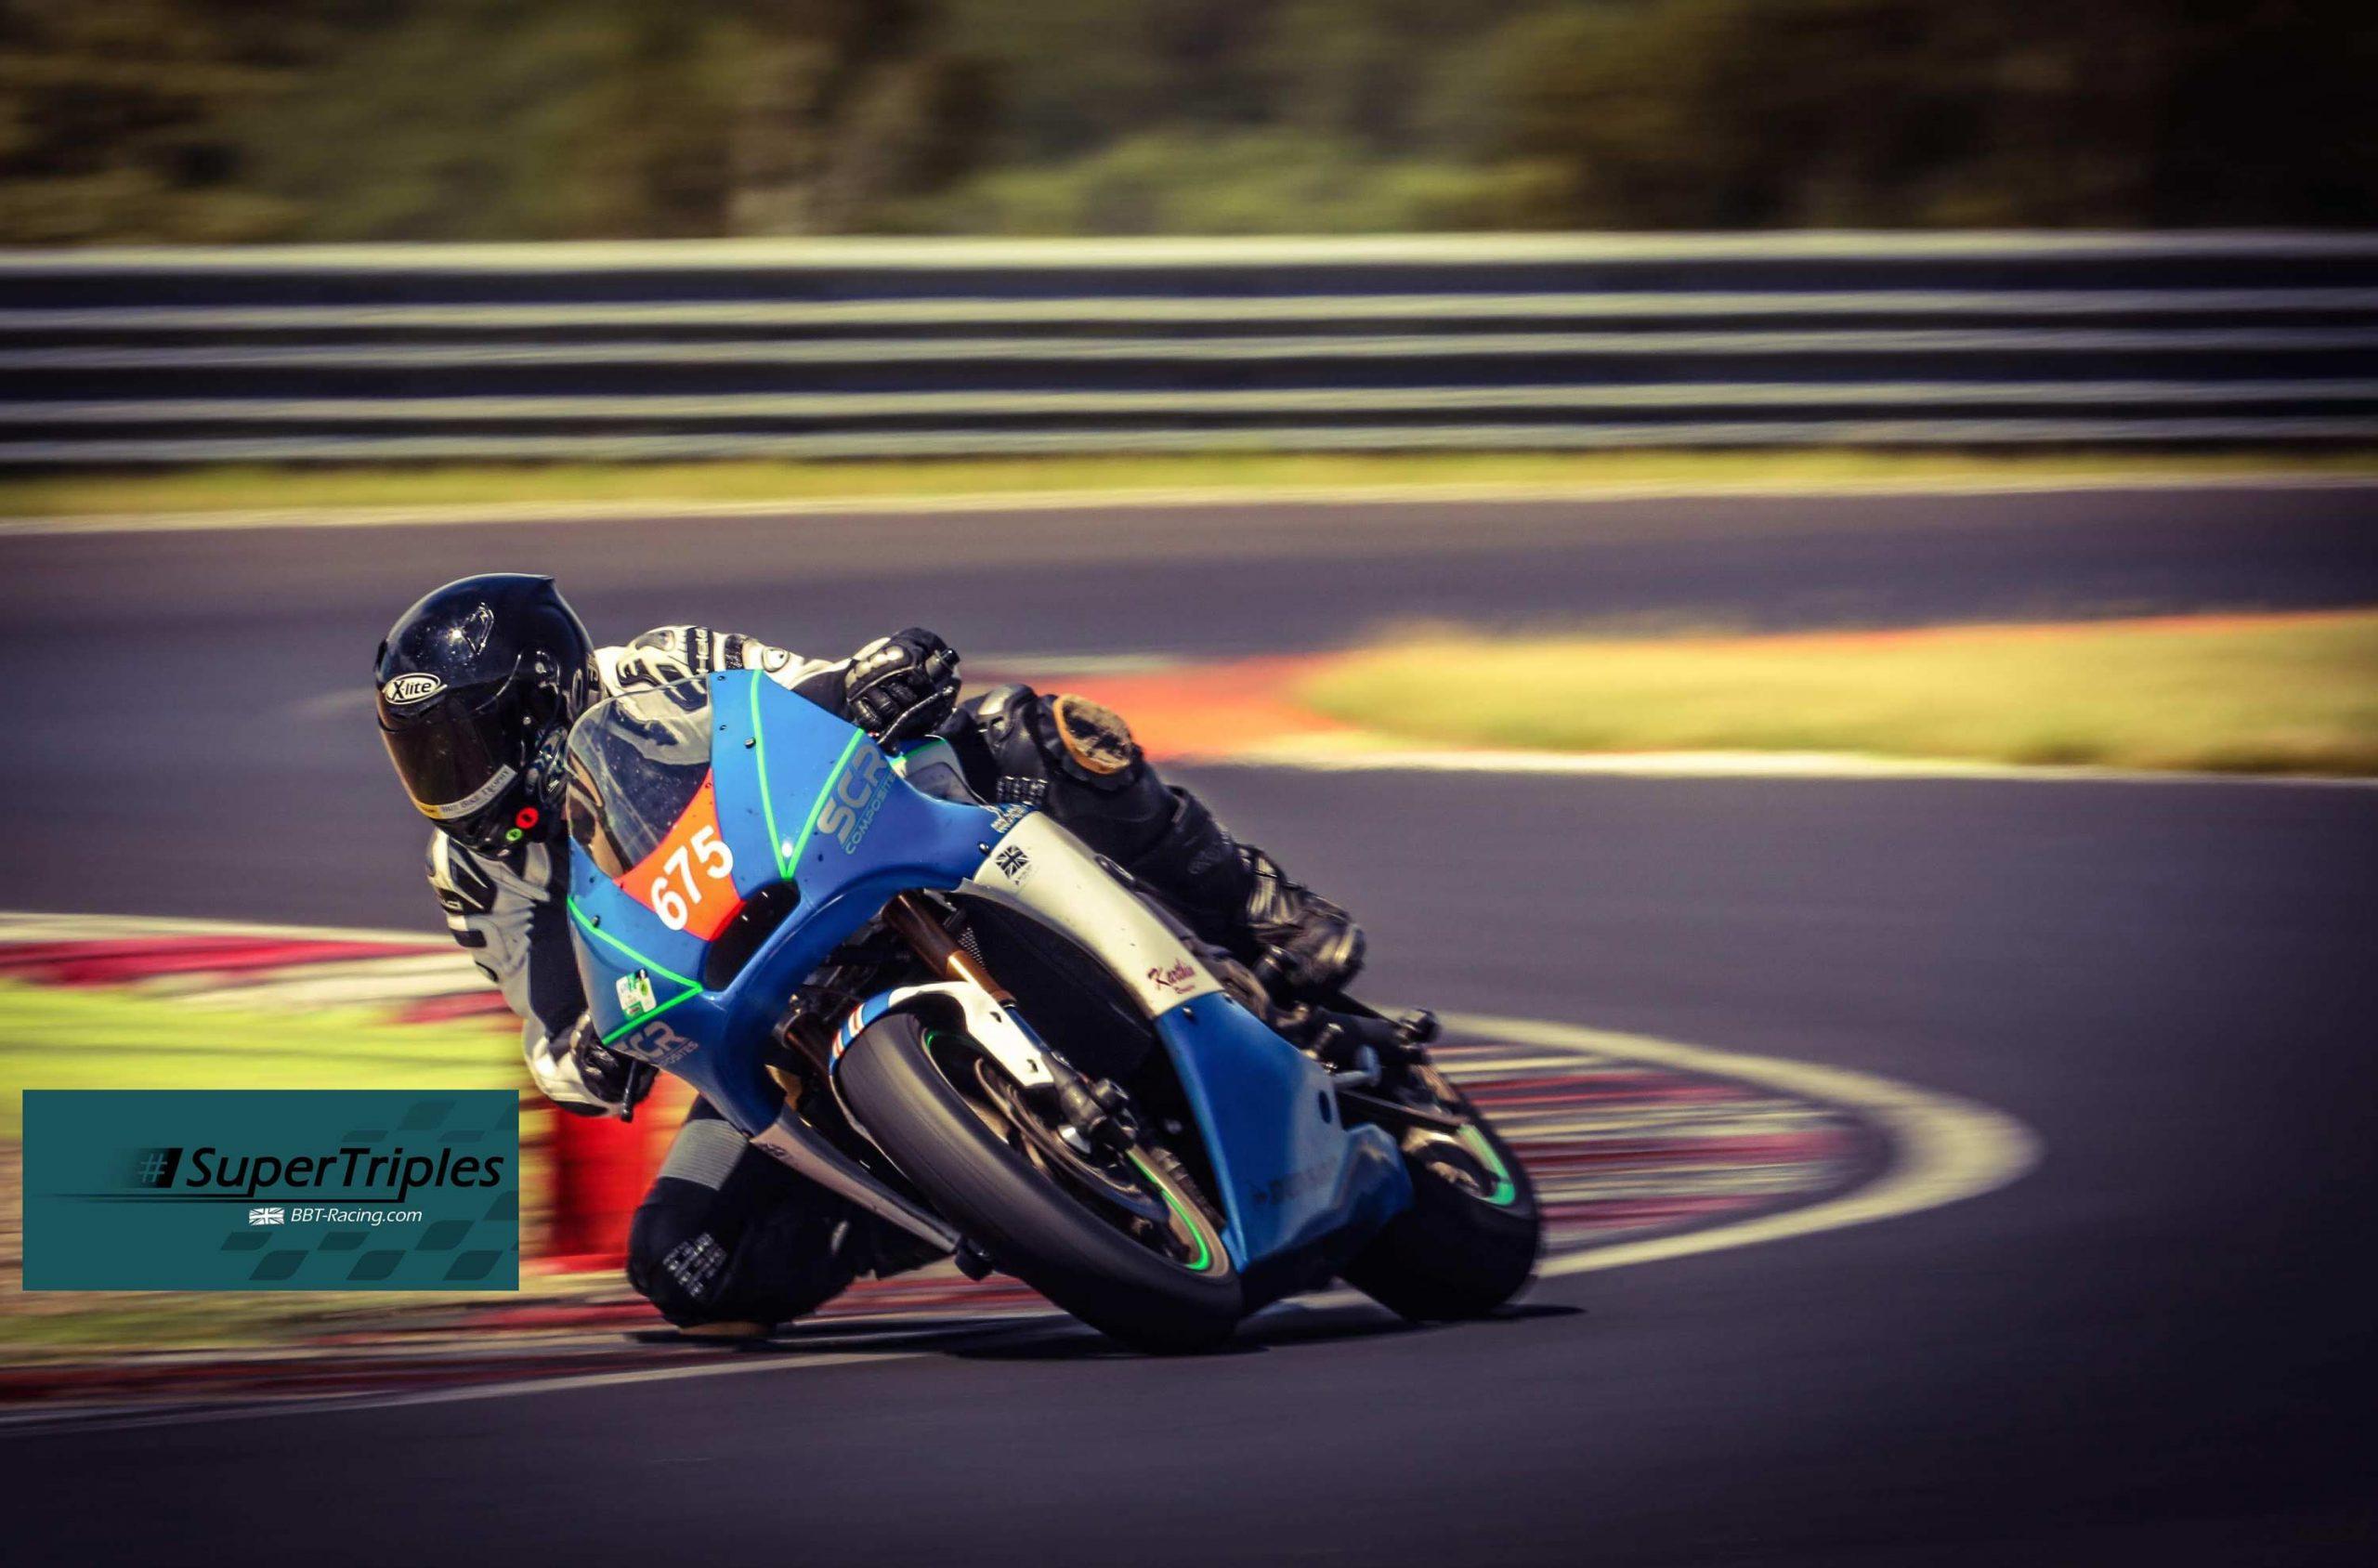 Letzte Rille: 50% auf #moto2style-Verkleidung für 675